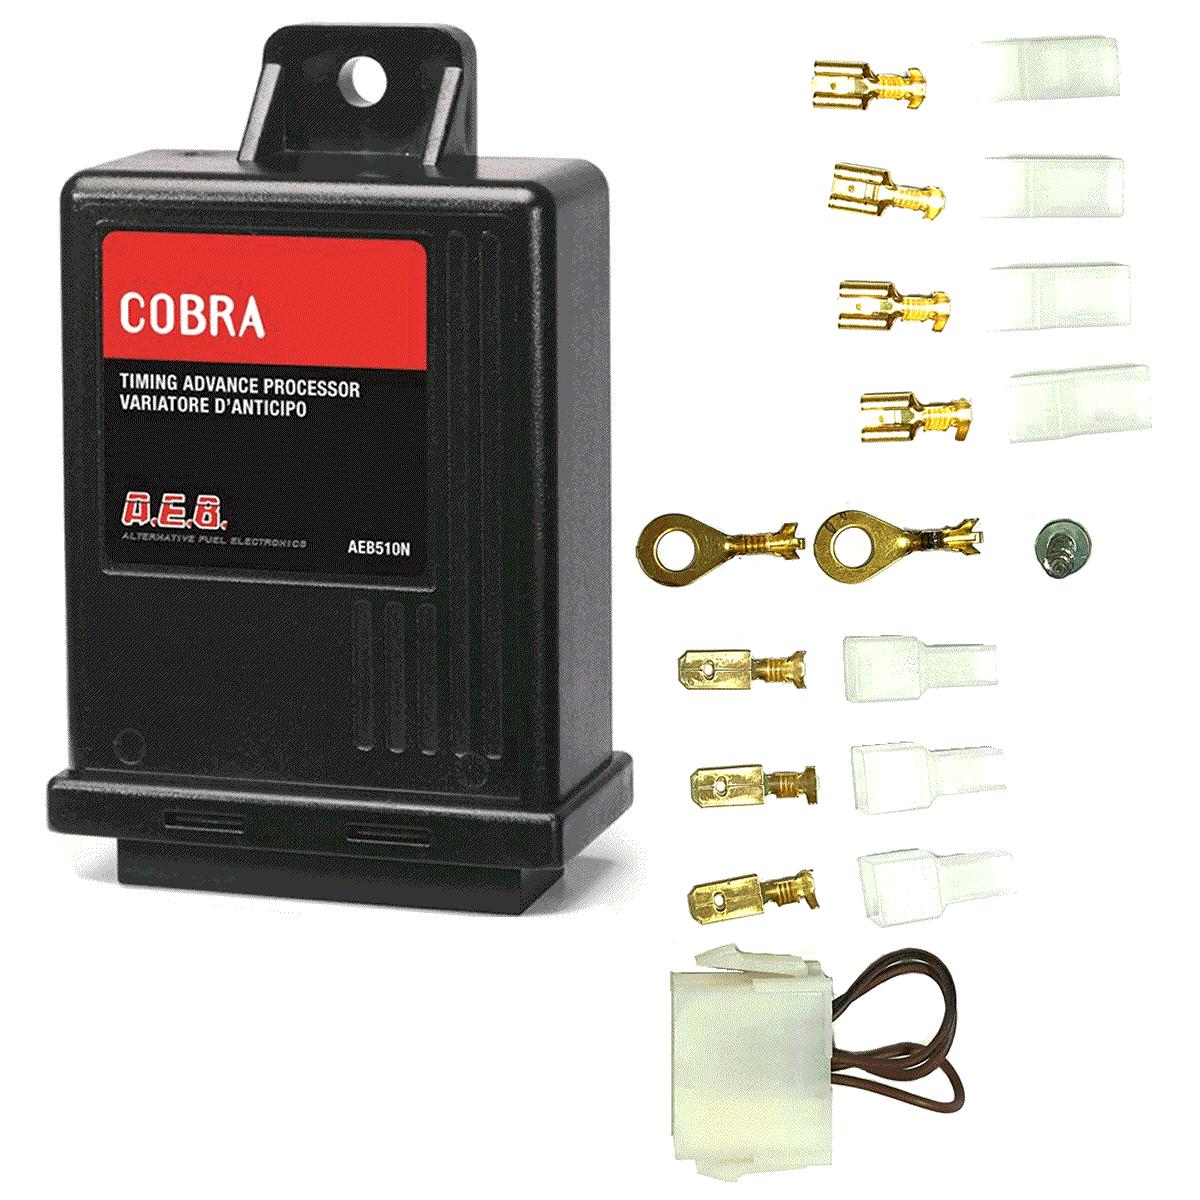 Módulo Variador de Avanço AEB 510N Cobra Sensor Rotação GNV Sem Chicote